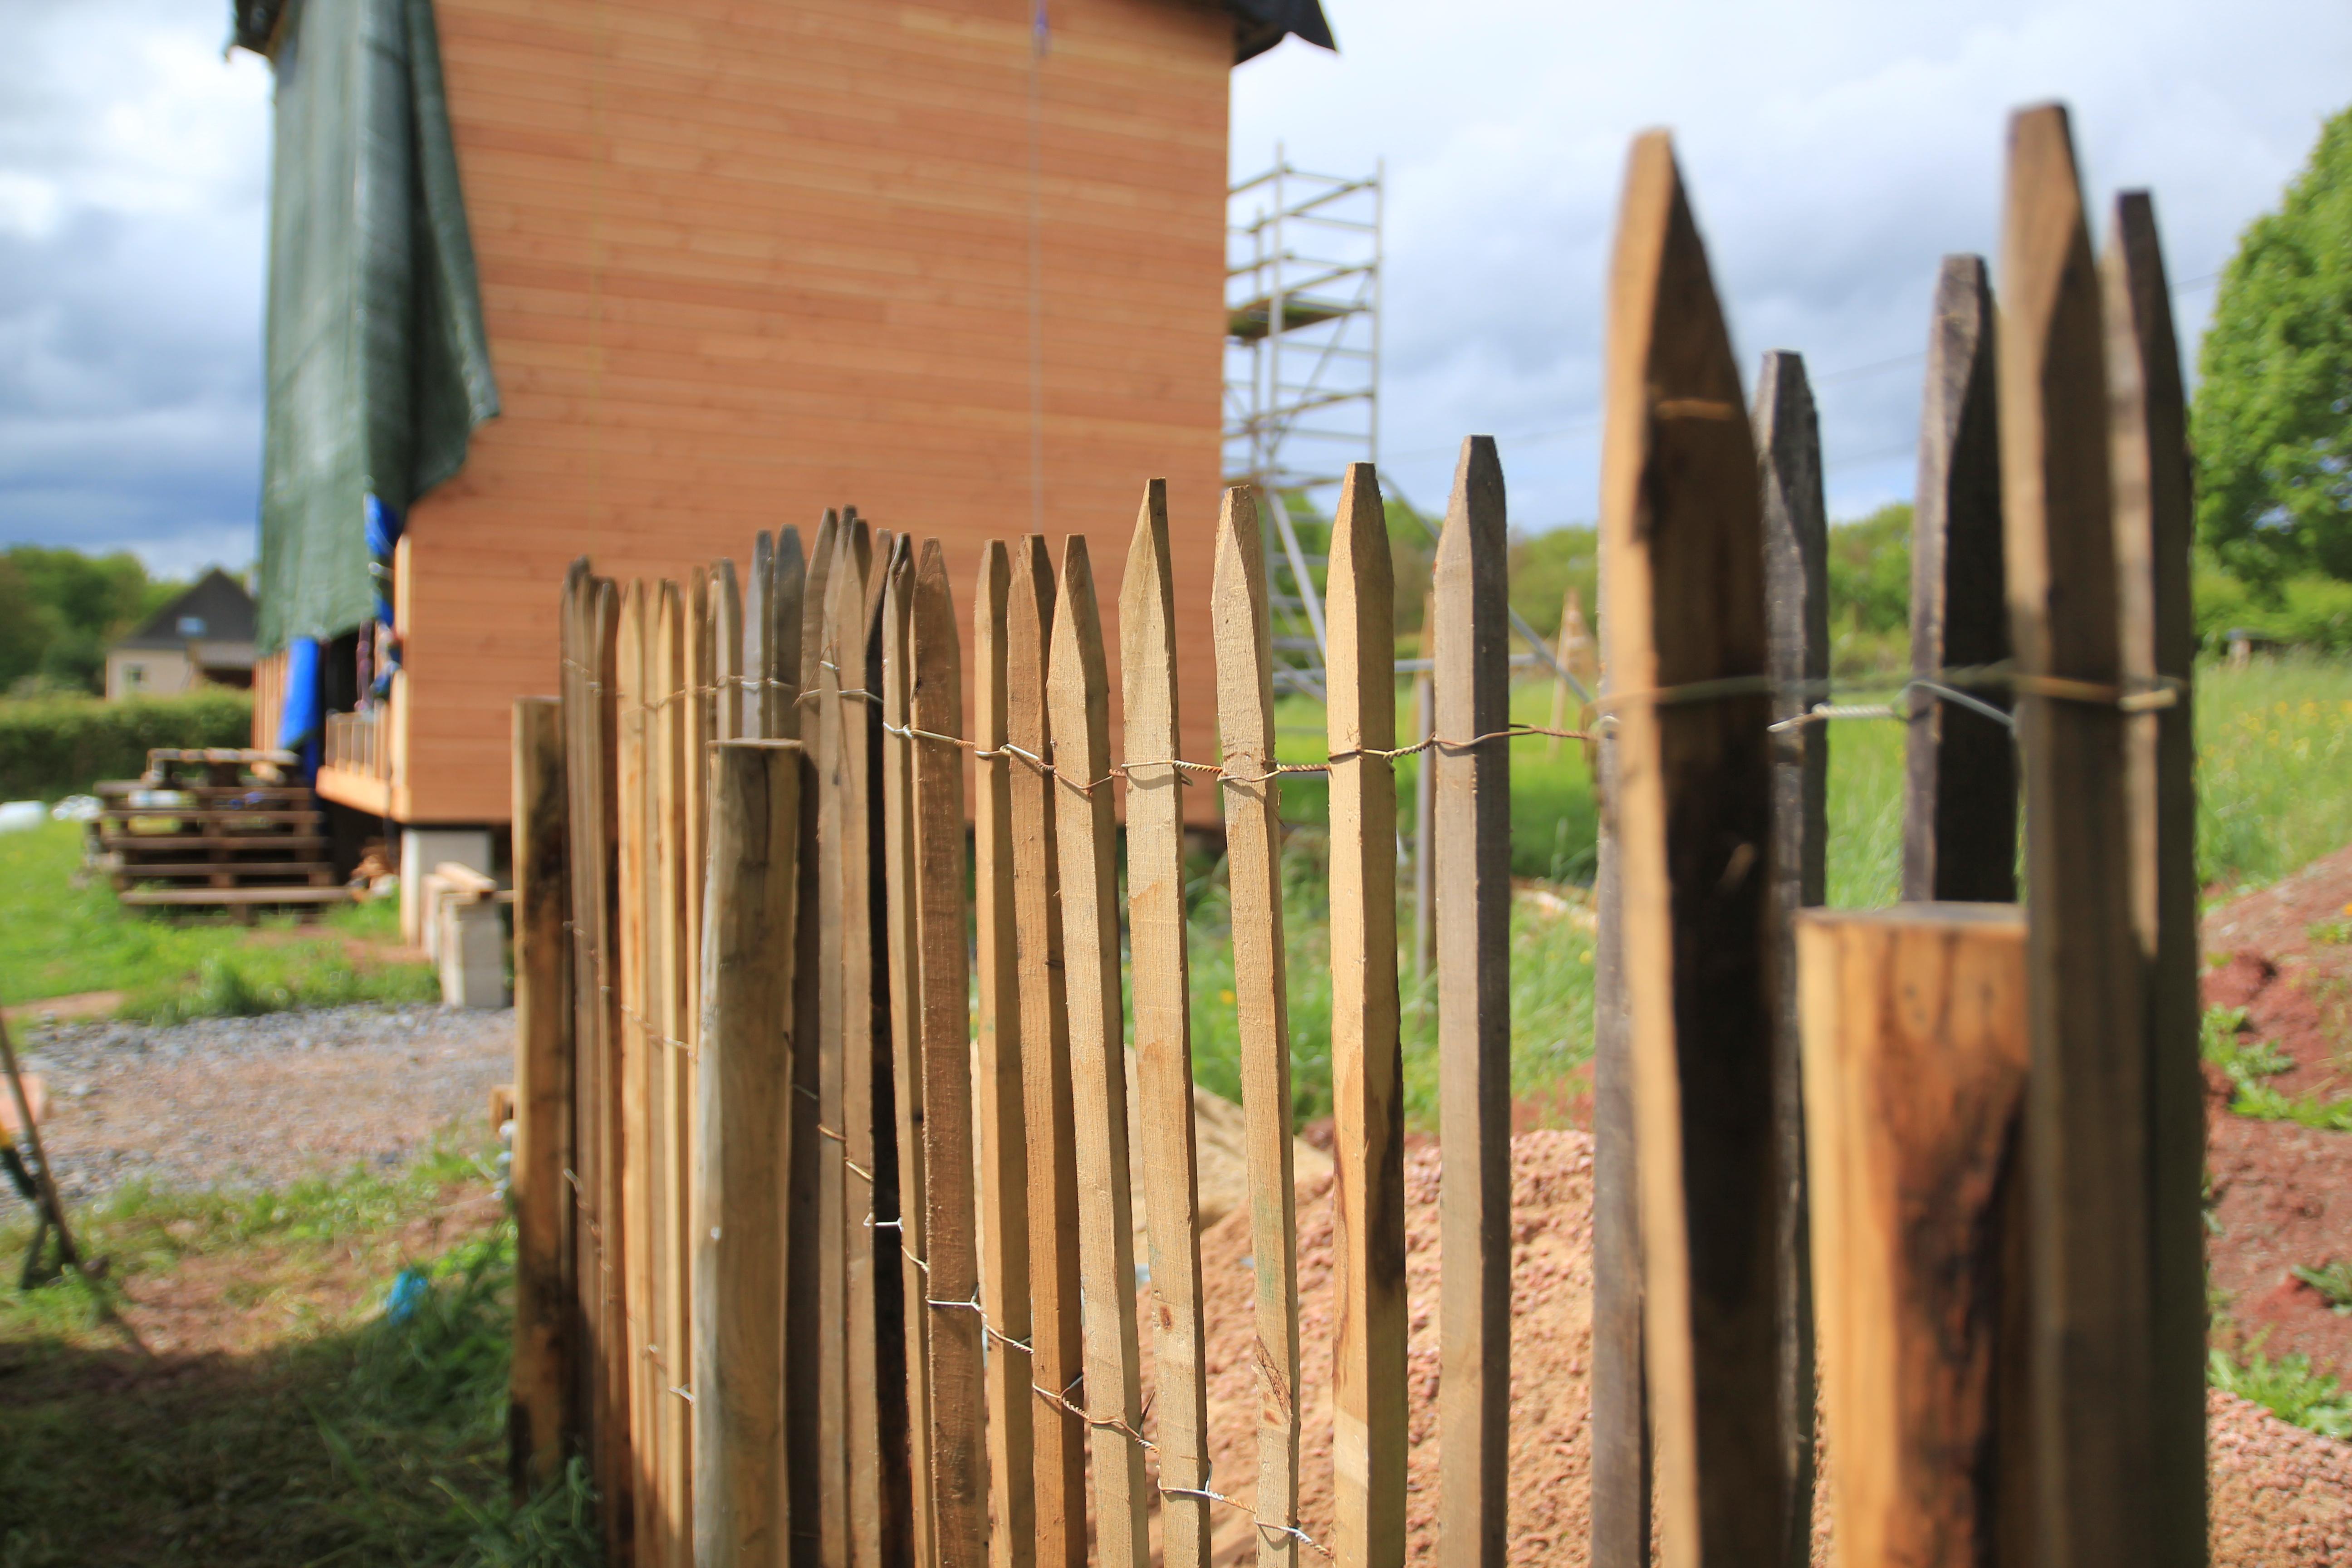 Brise Vue A Faire Soi Meme ganivelle : mise en place d'une clôture brise-vue | comme un